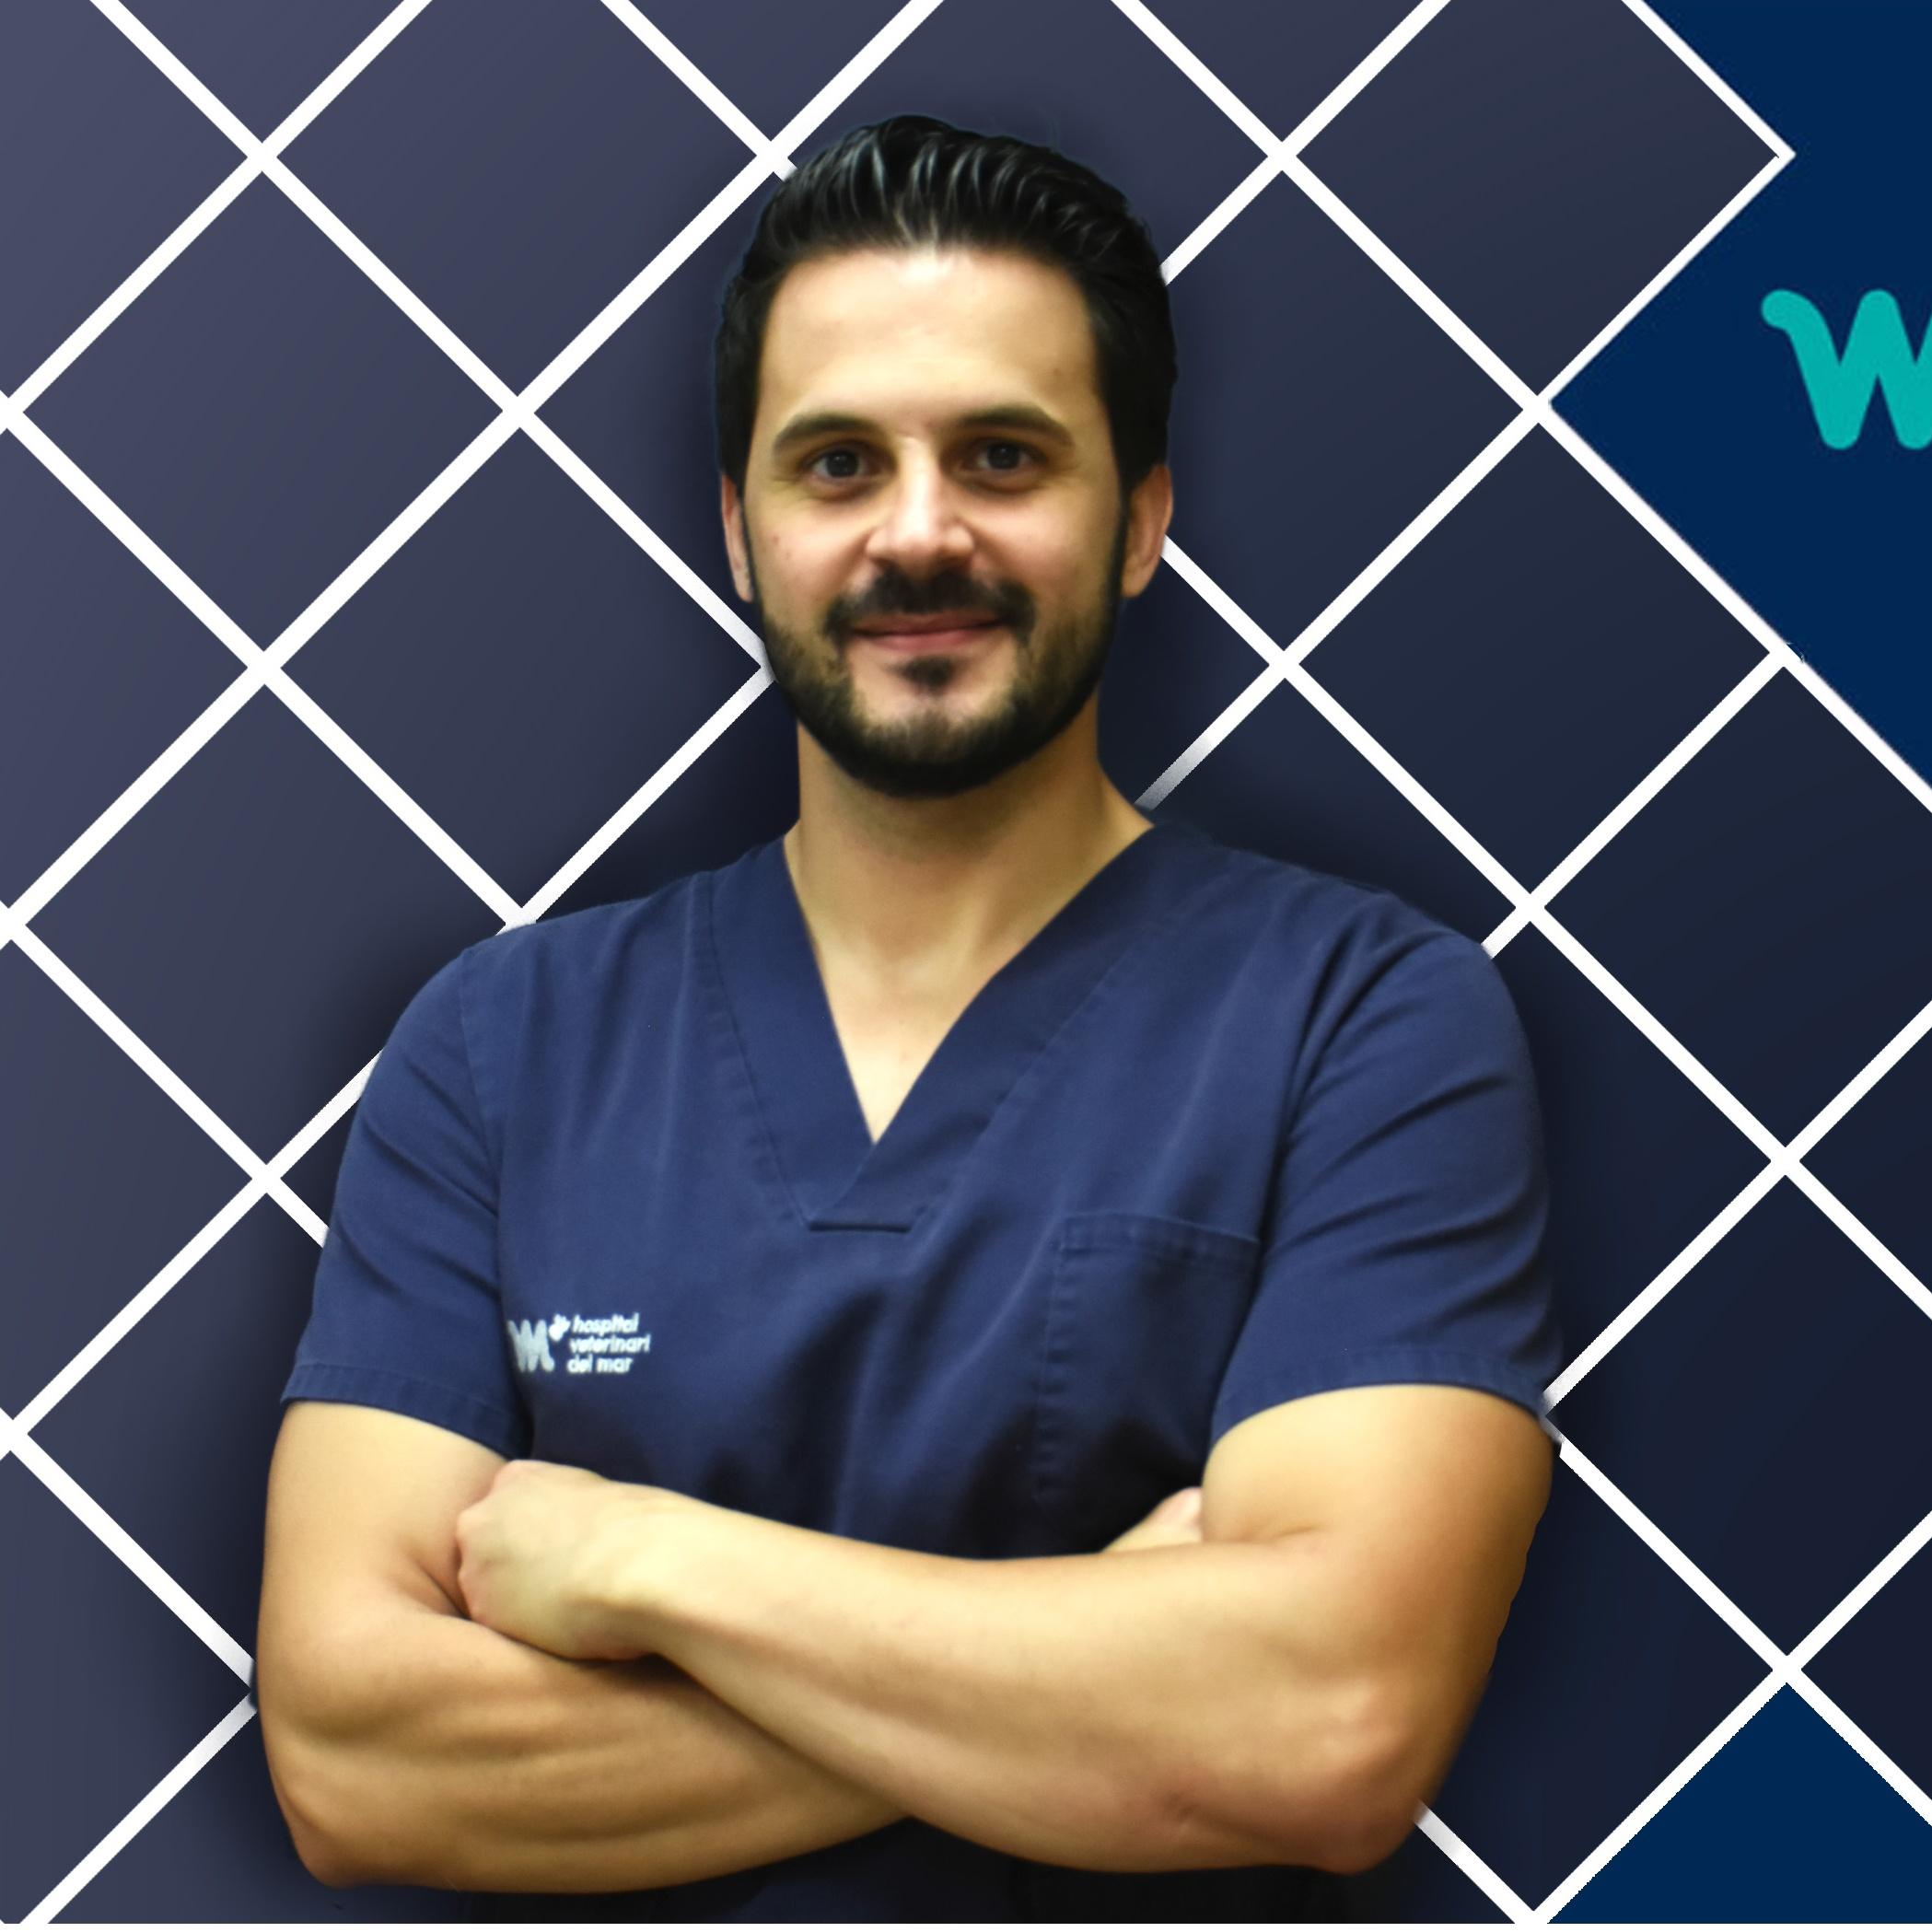 Cirugía Veterinaria | Elvira Deffontis | Hospital Veterinario del Mar